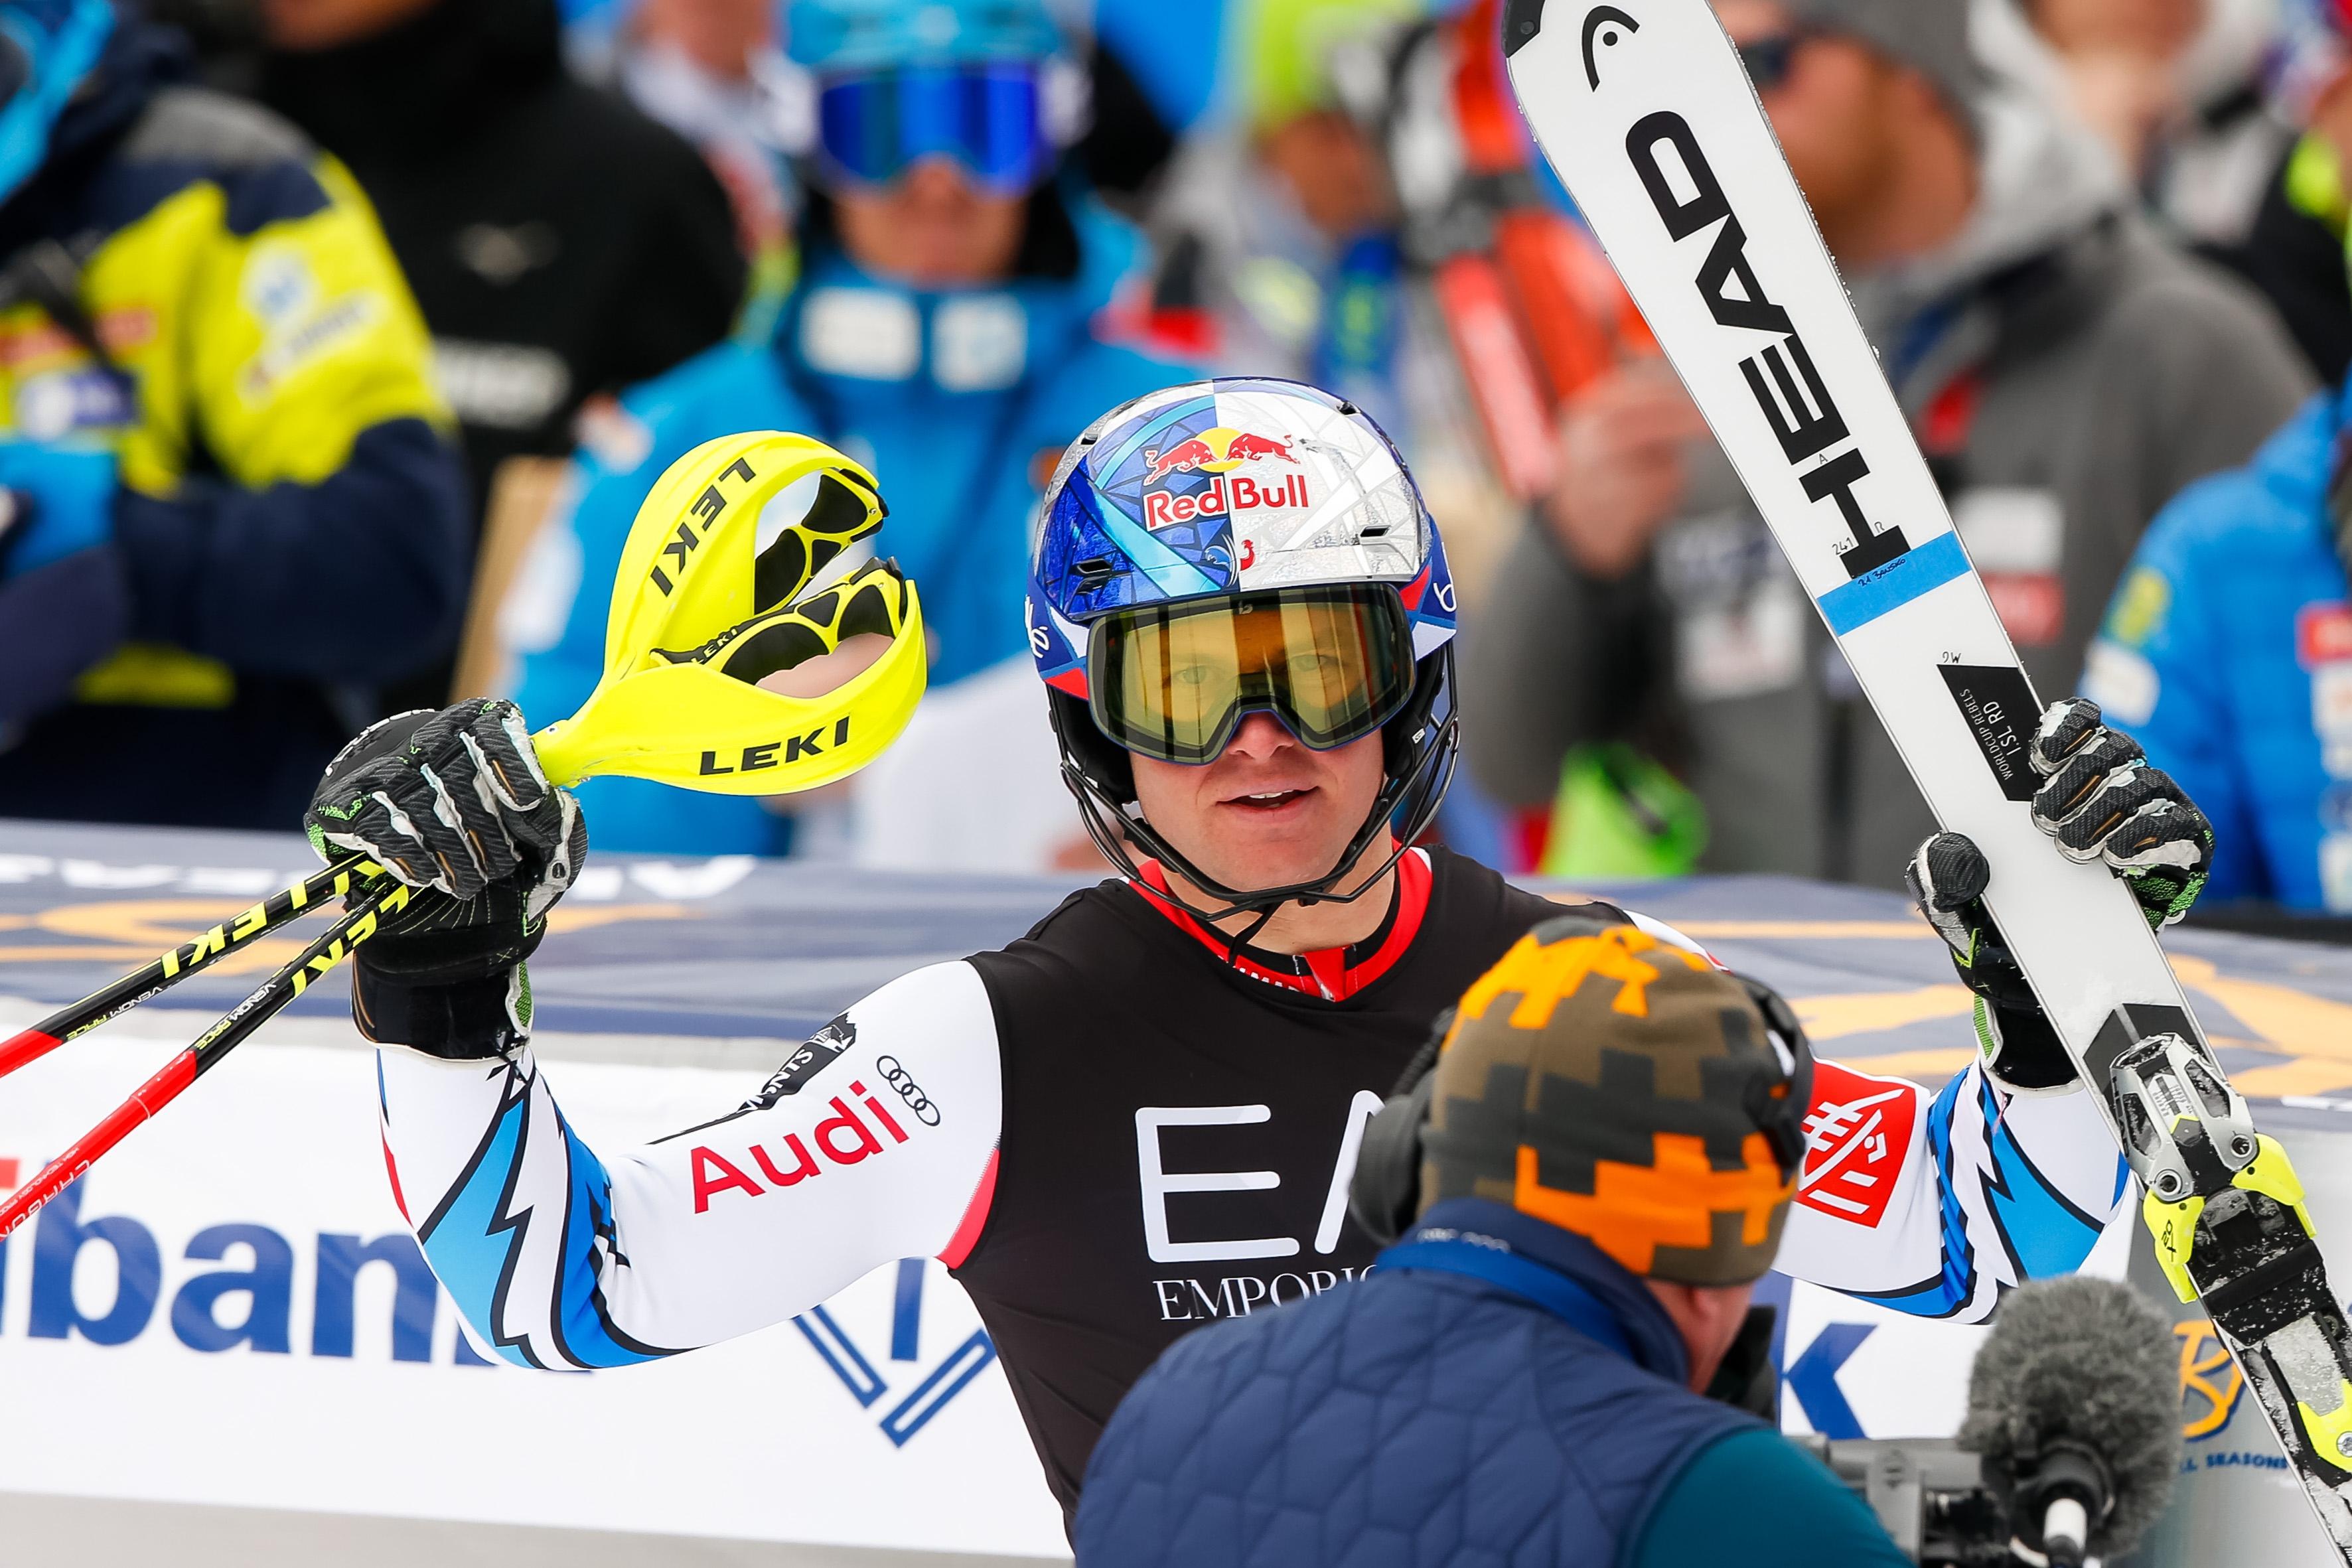 Световният шампион Алекси Пентюро (Франция) спечели комбинацията за Световната купа